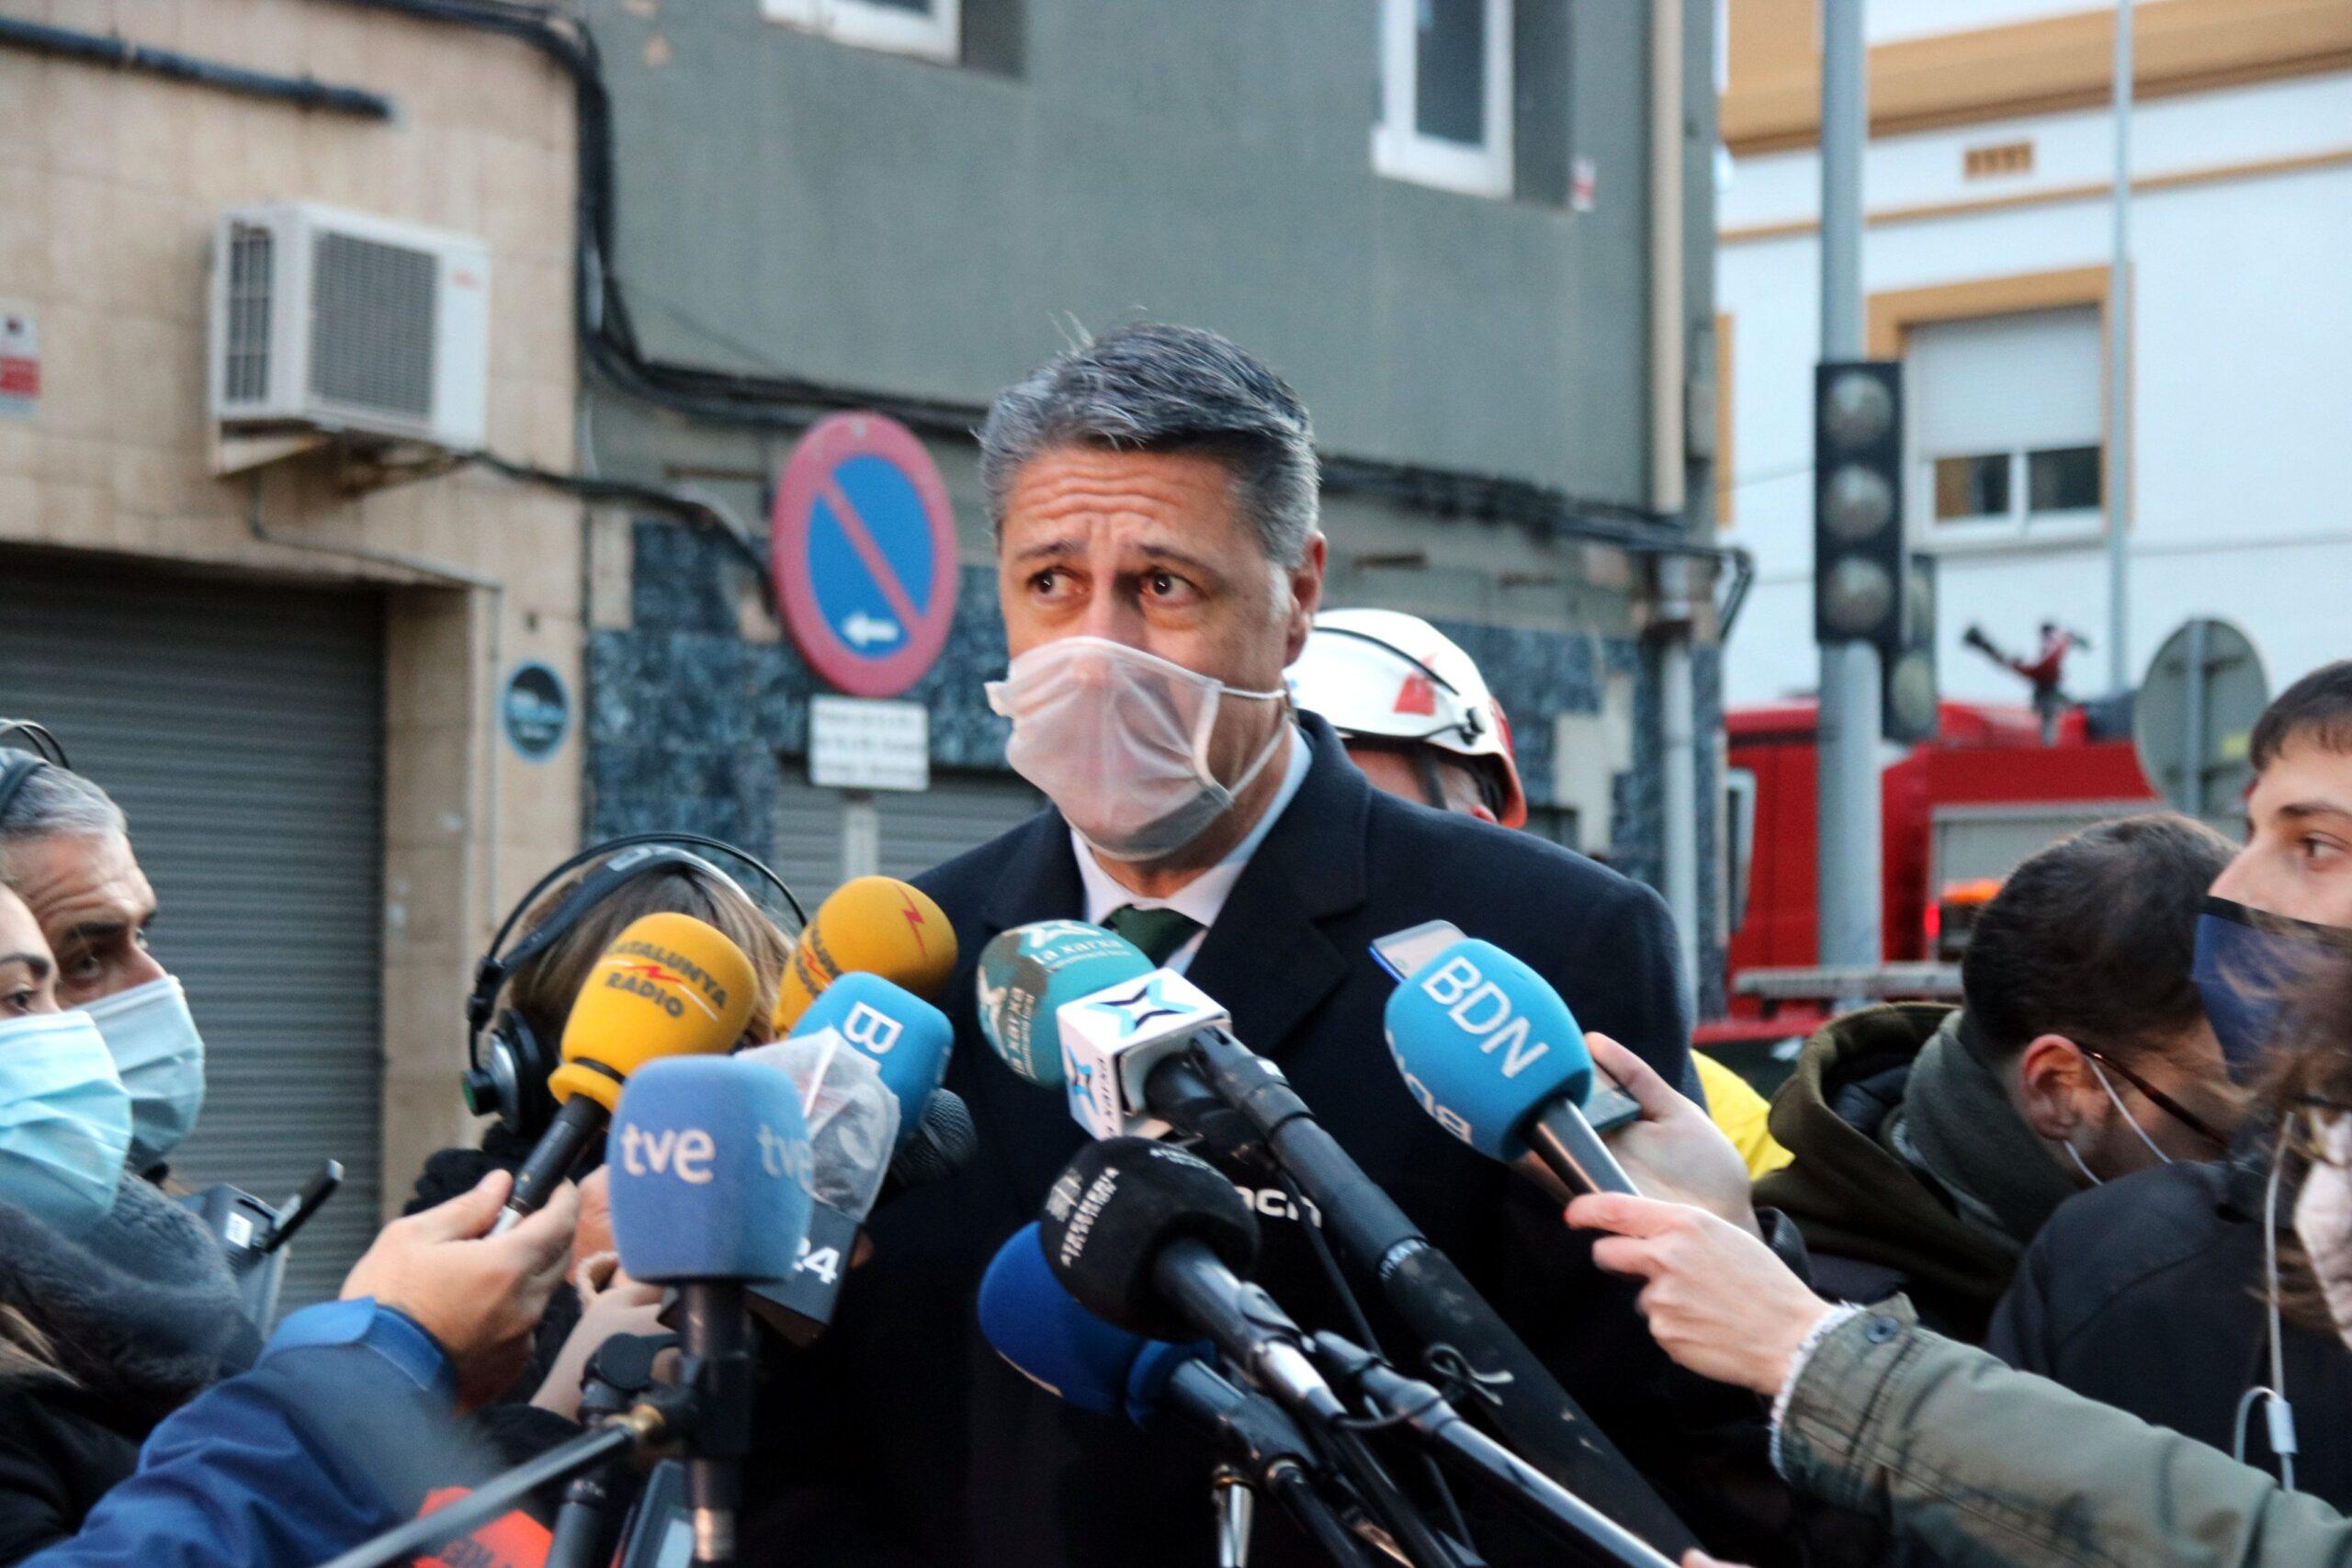 L'alcalde de Badalona, Xavier Garcia Albiol, durant l'atenció als mitjans per l'incendi de Badalona el 10 de desembre del 2020